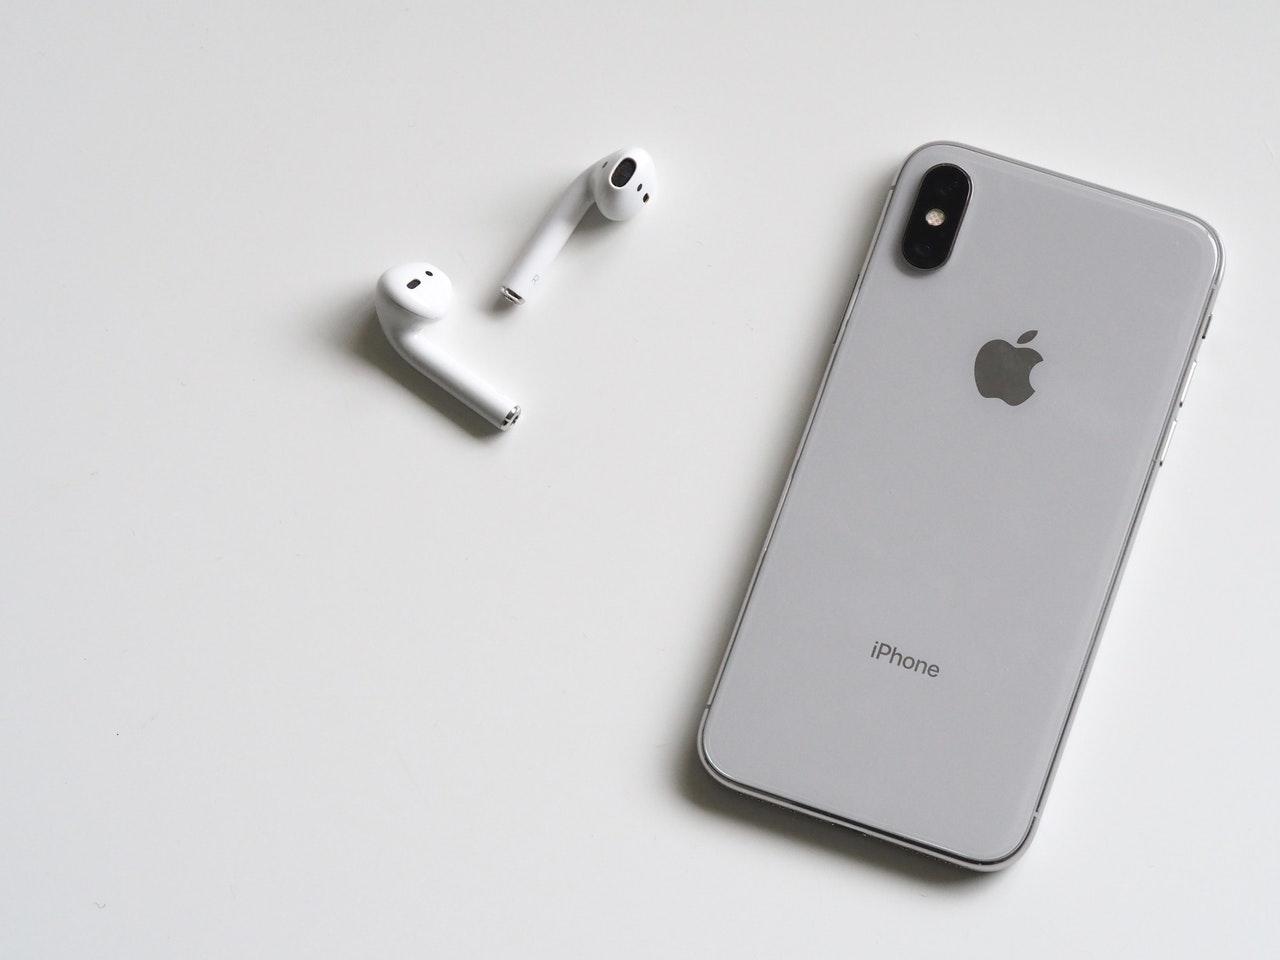 iPhone 6 plus cennik: dowiedz się więcej.